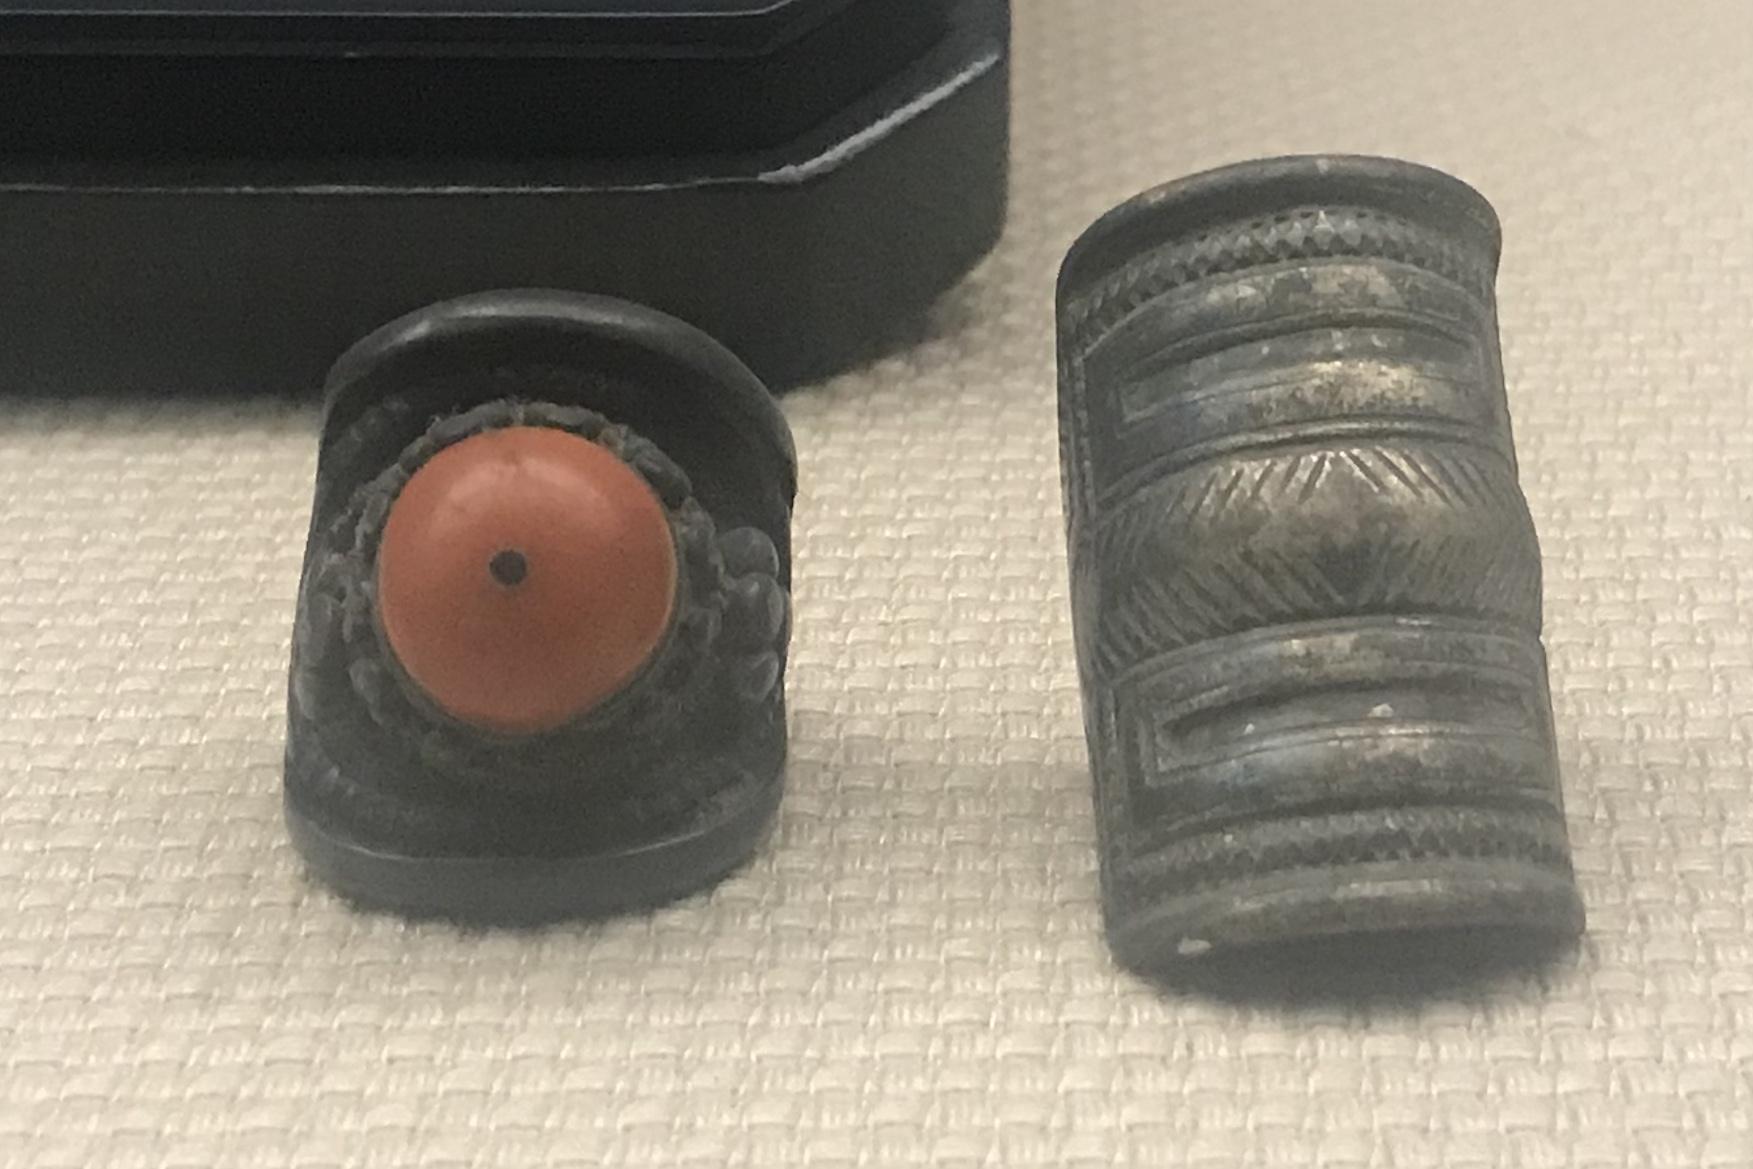 銀イアリング-銀指輪-チャン族アクセサリー-四川民族文物館-四川博物館-成都